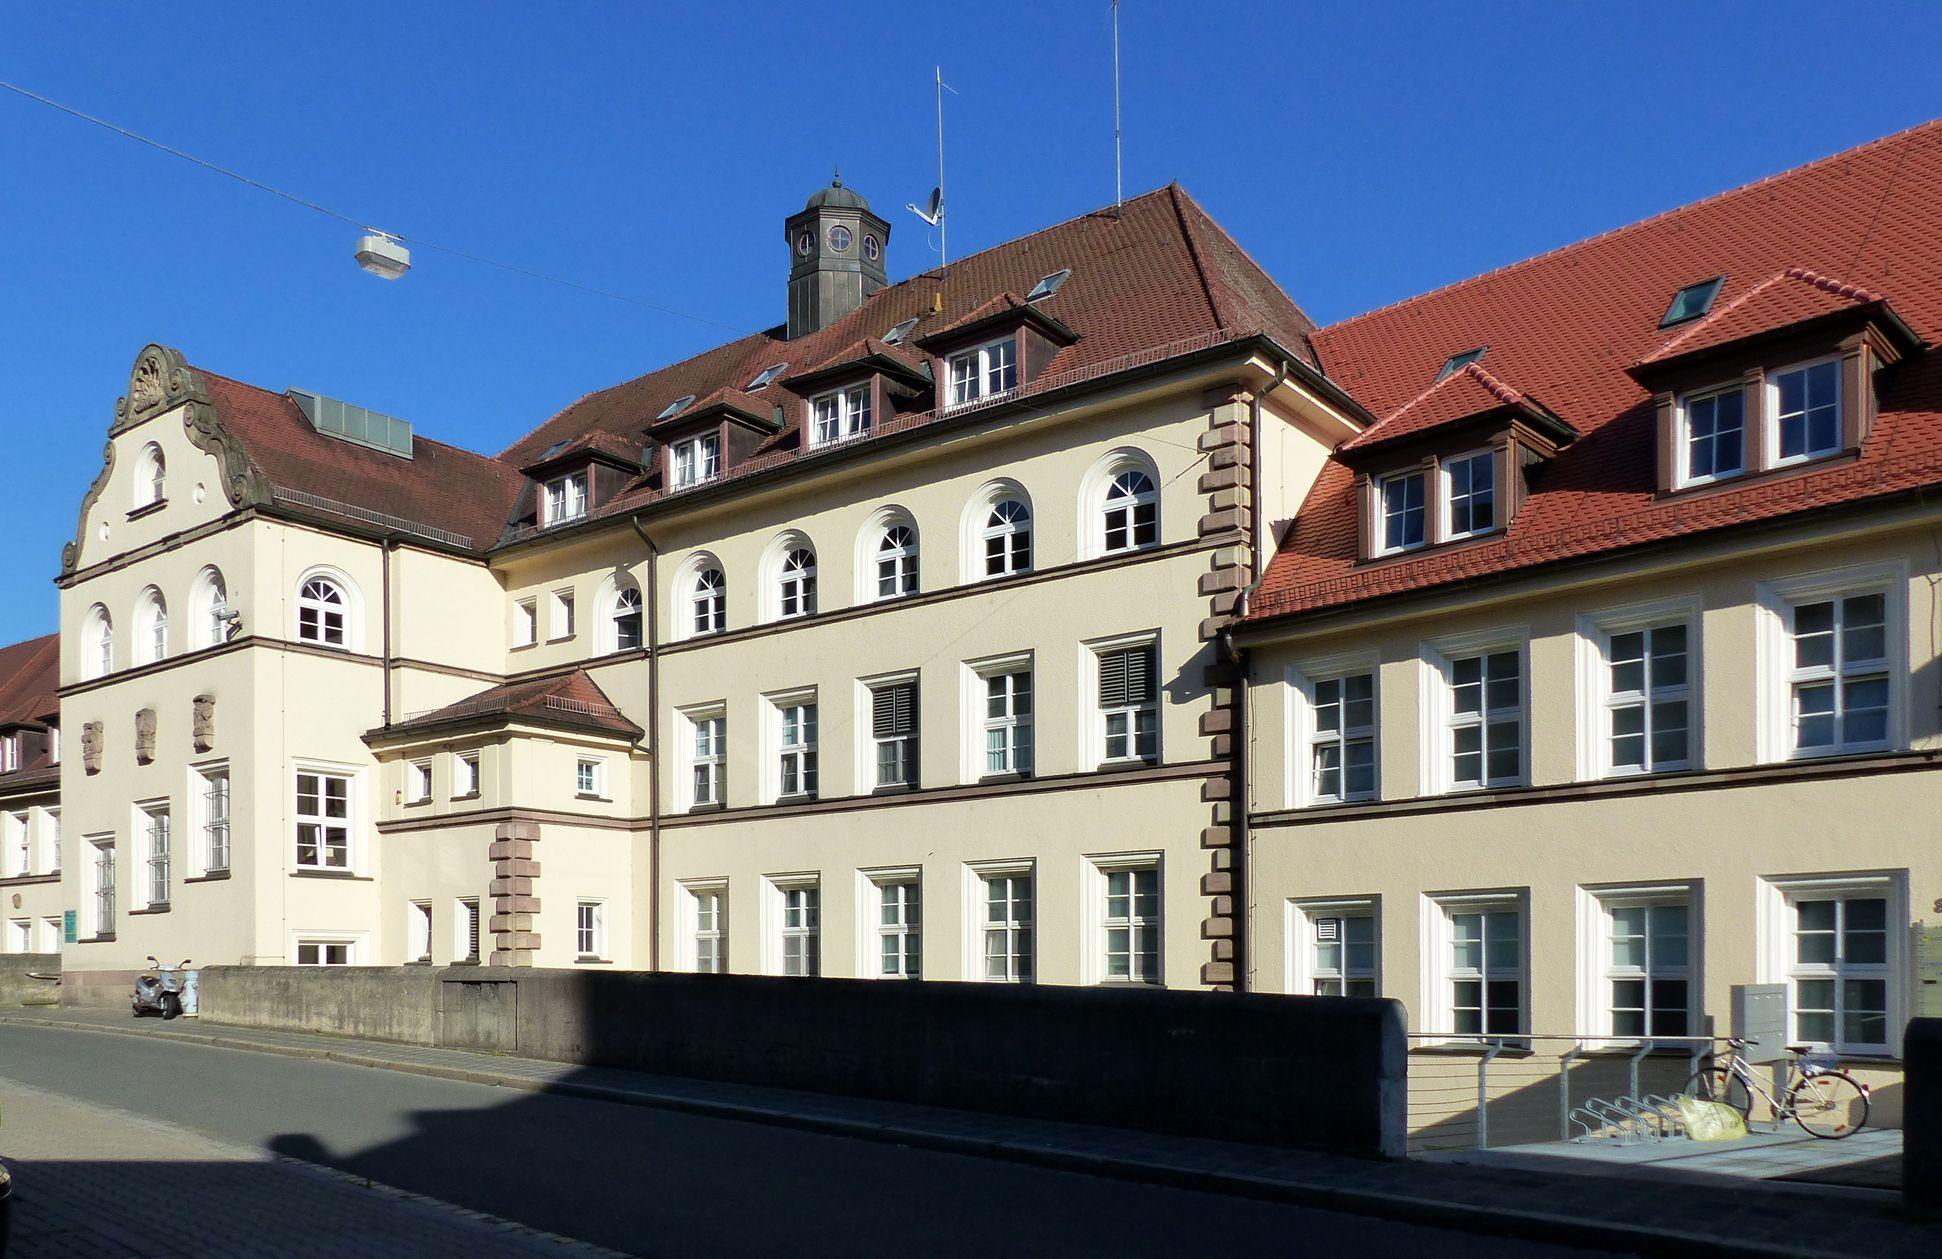 ehemalige Allgemeine Ortskrankenkasse Rückfassade an der Mühlgasse